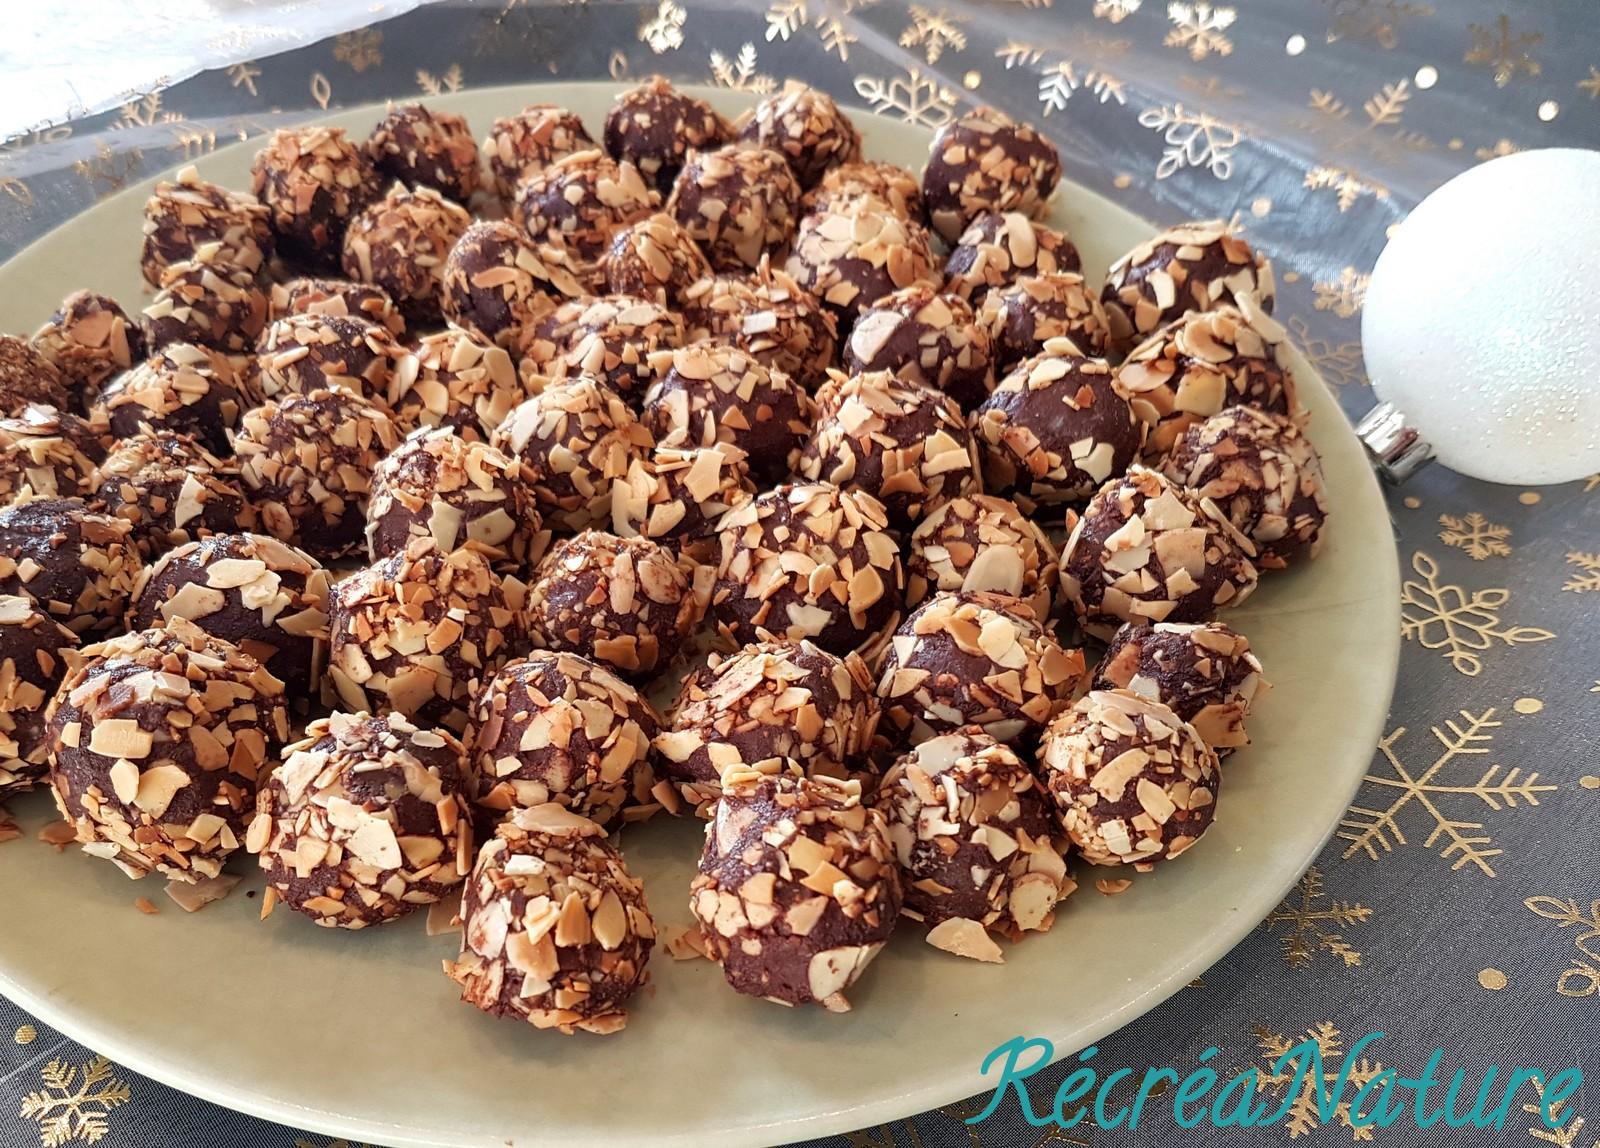 Truffes Au Chocolat Coco Amande Amere Noel Vegan Recette Facile